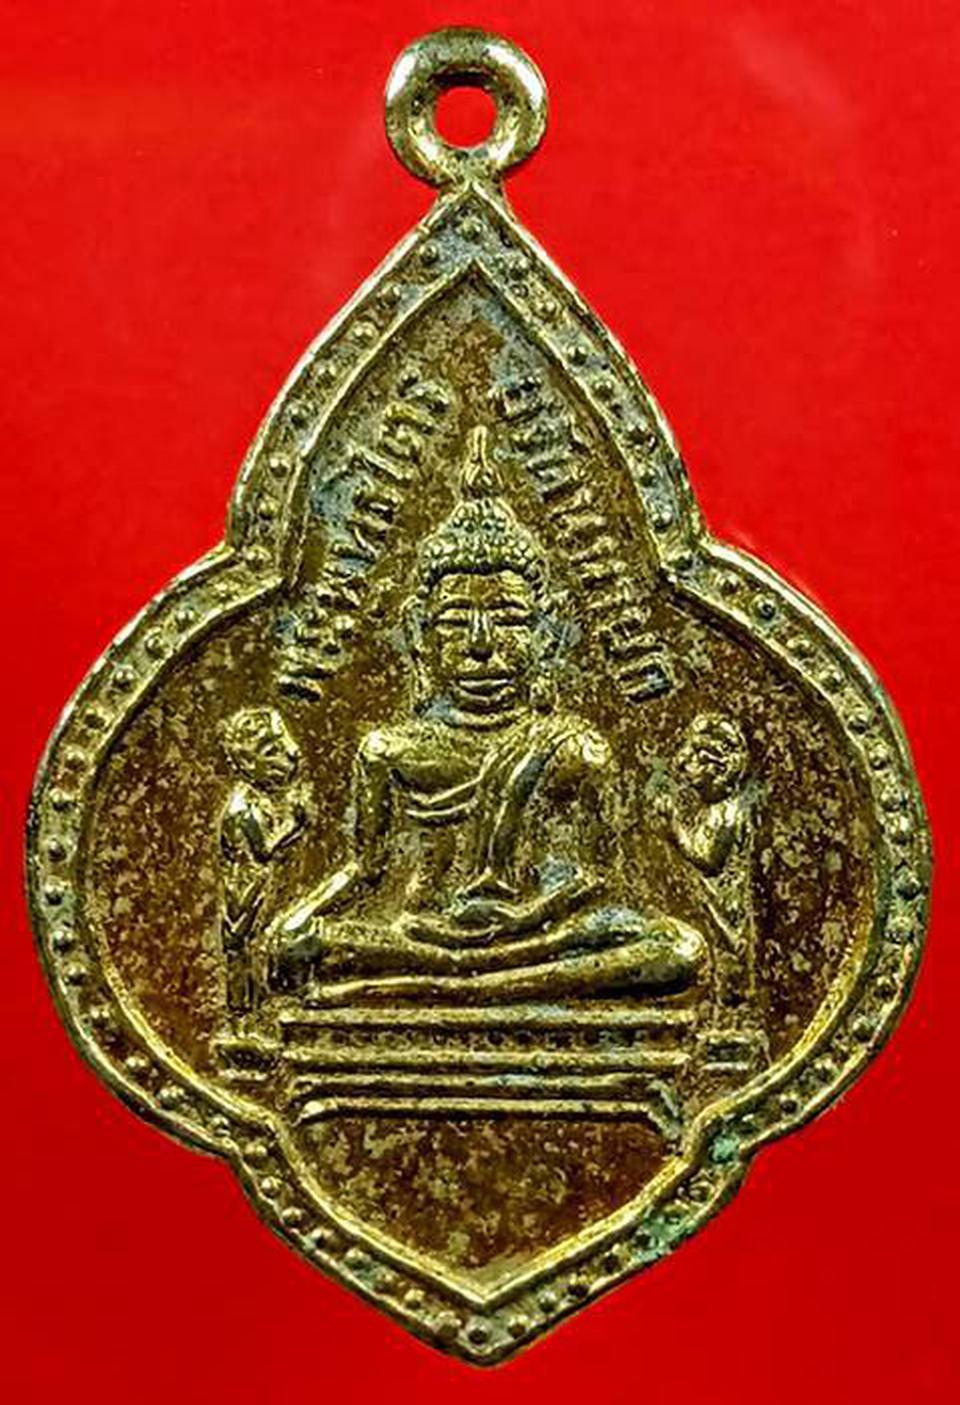 เหรียญดอกจิกหลวงพ่อโต วัดพนัญเชิง ปี17 กะไหล่ทอง รูปที่ 2